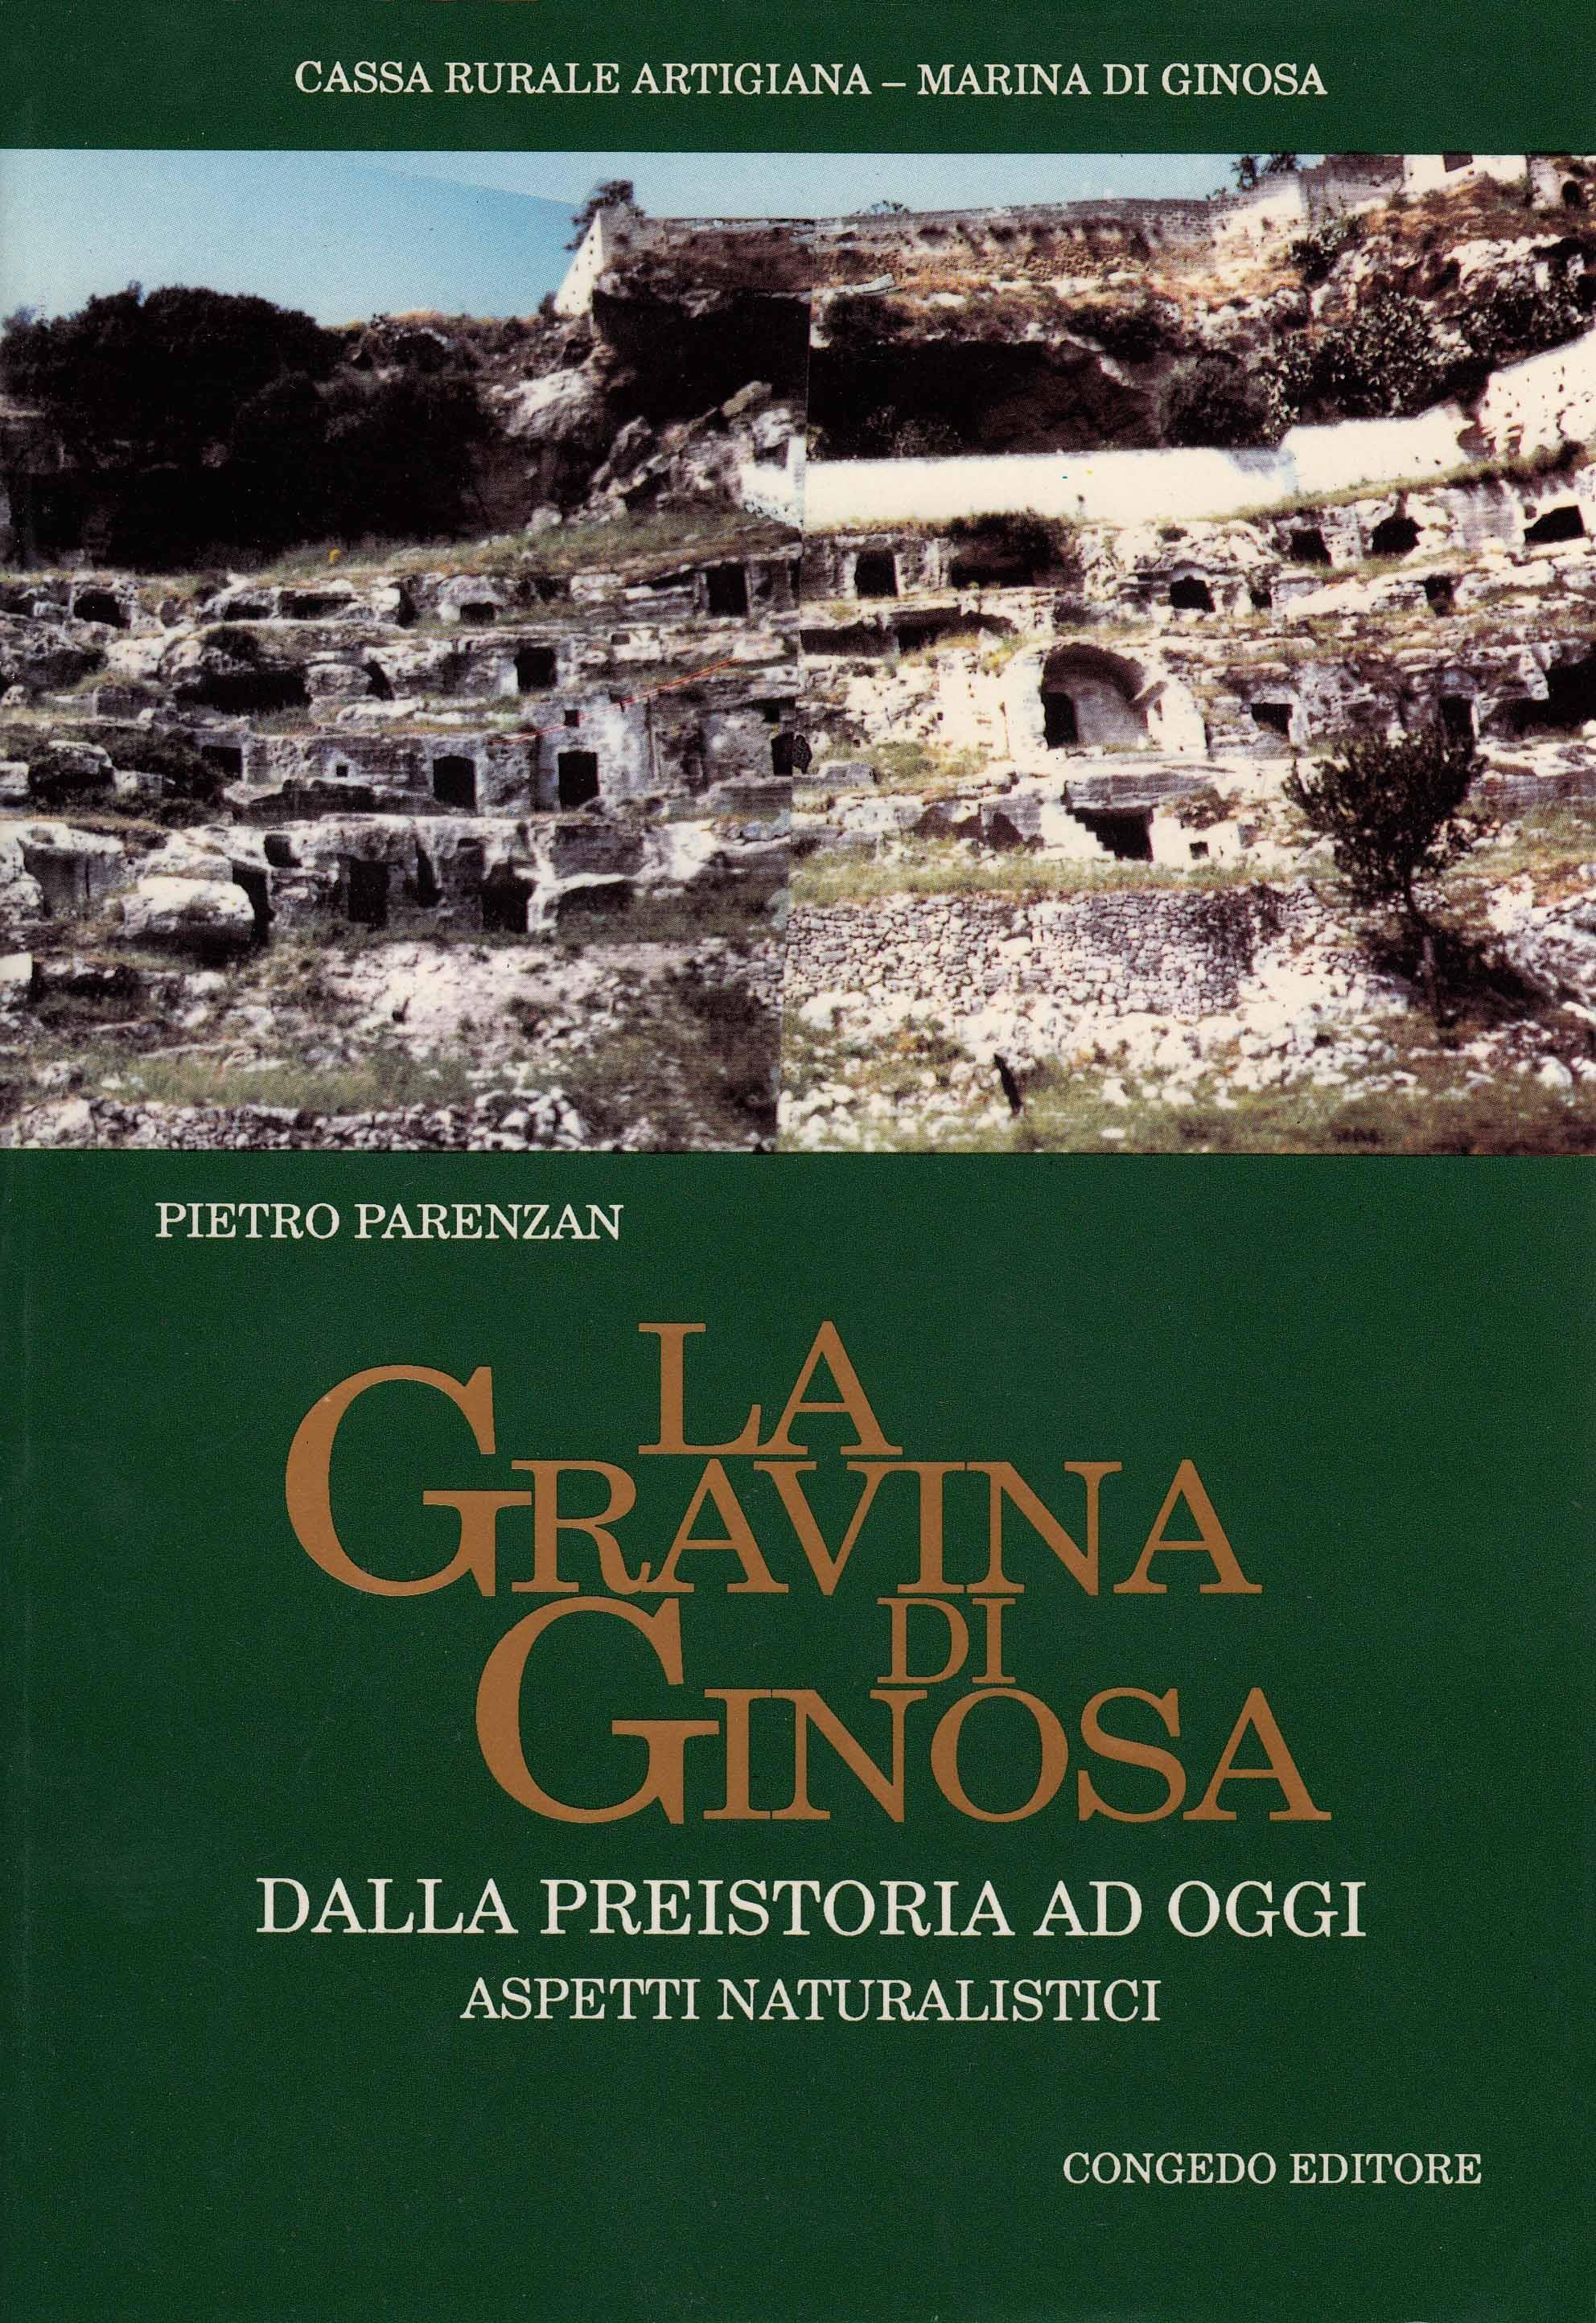 La gravina di Ginosa. Dalla preistoria ad oggi. Aspetti naturalistici.